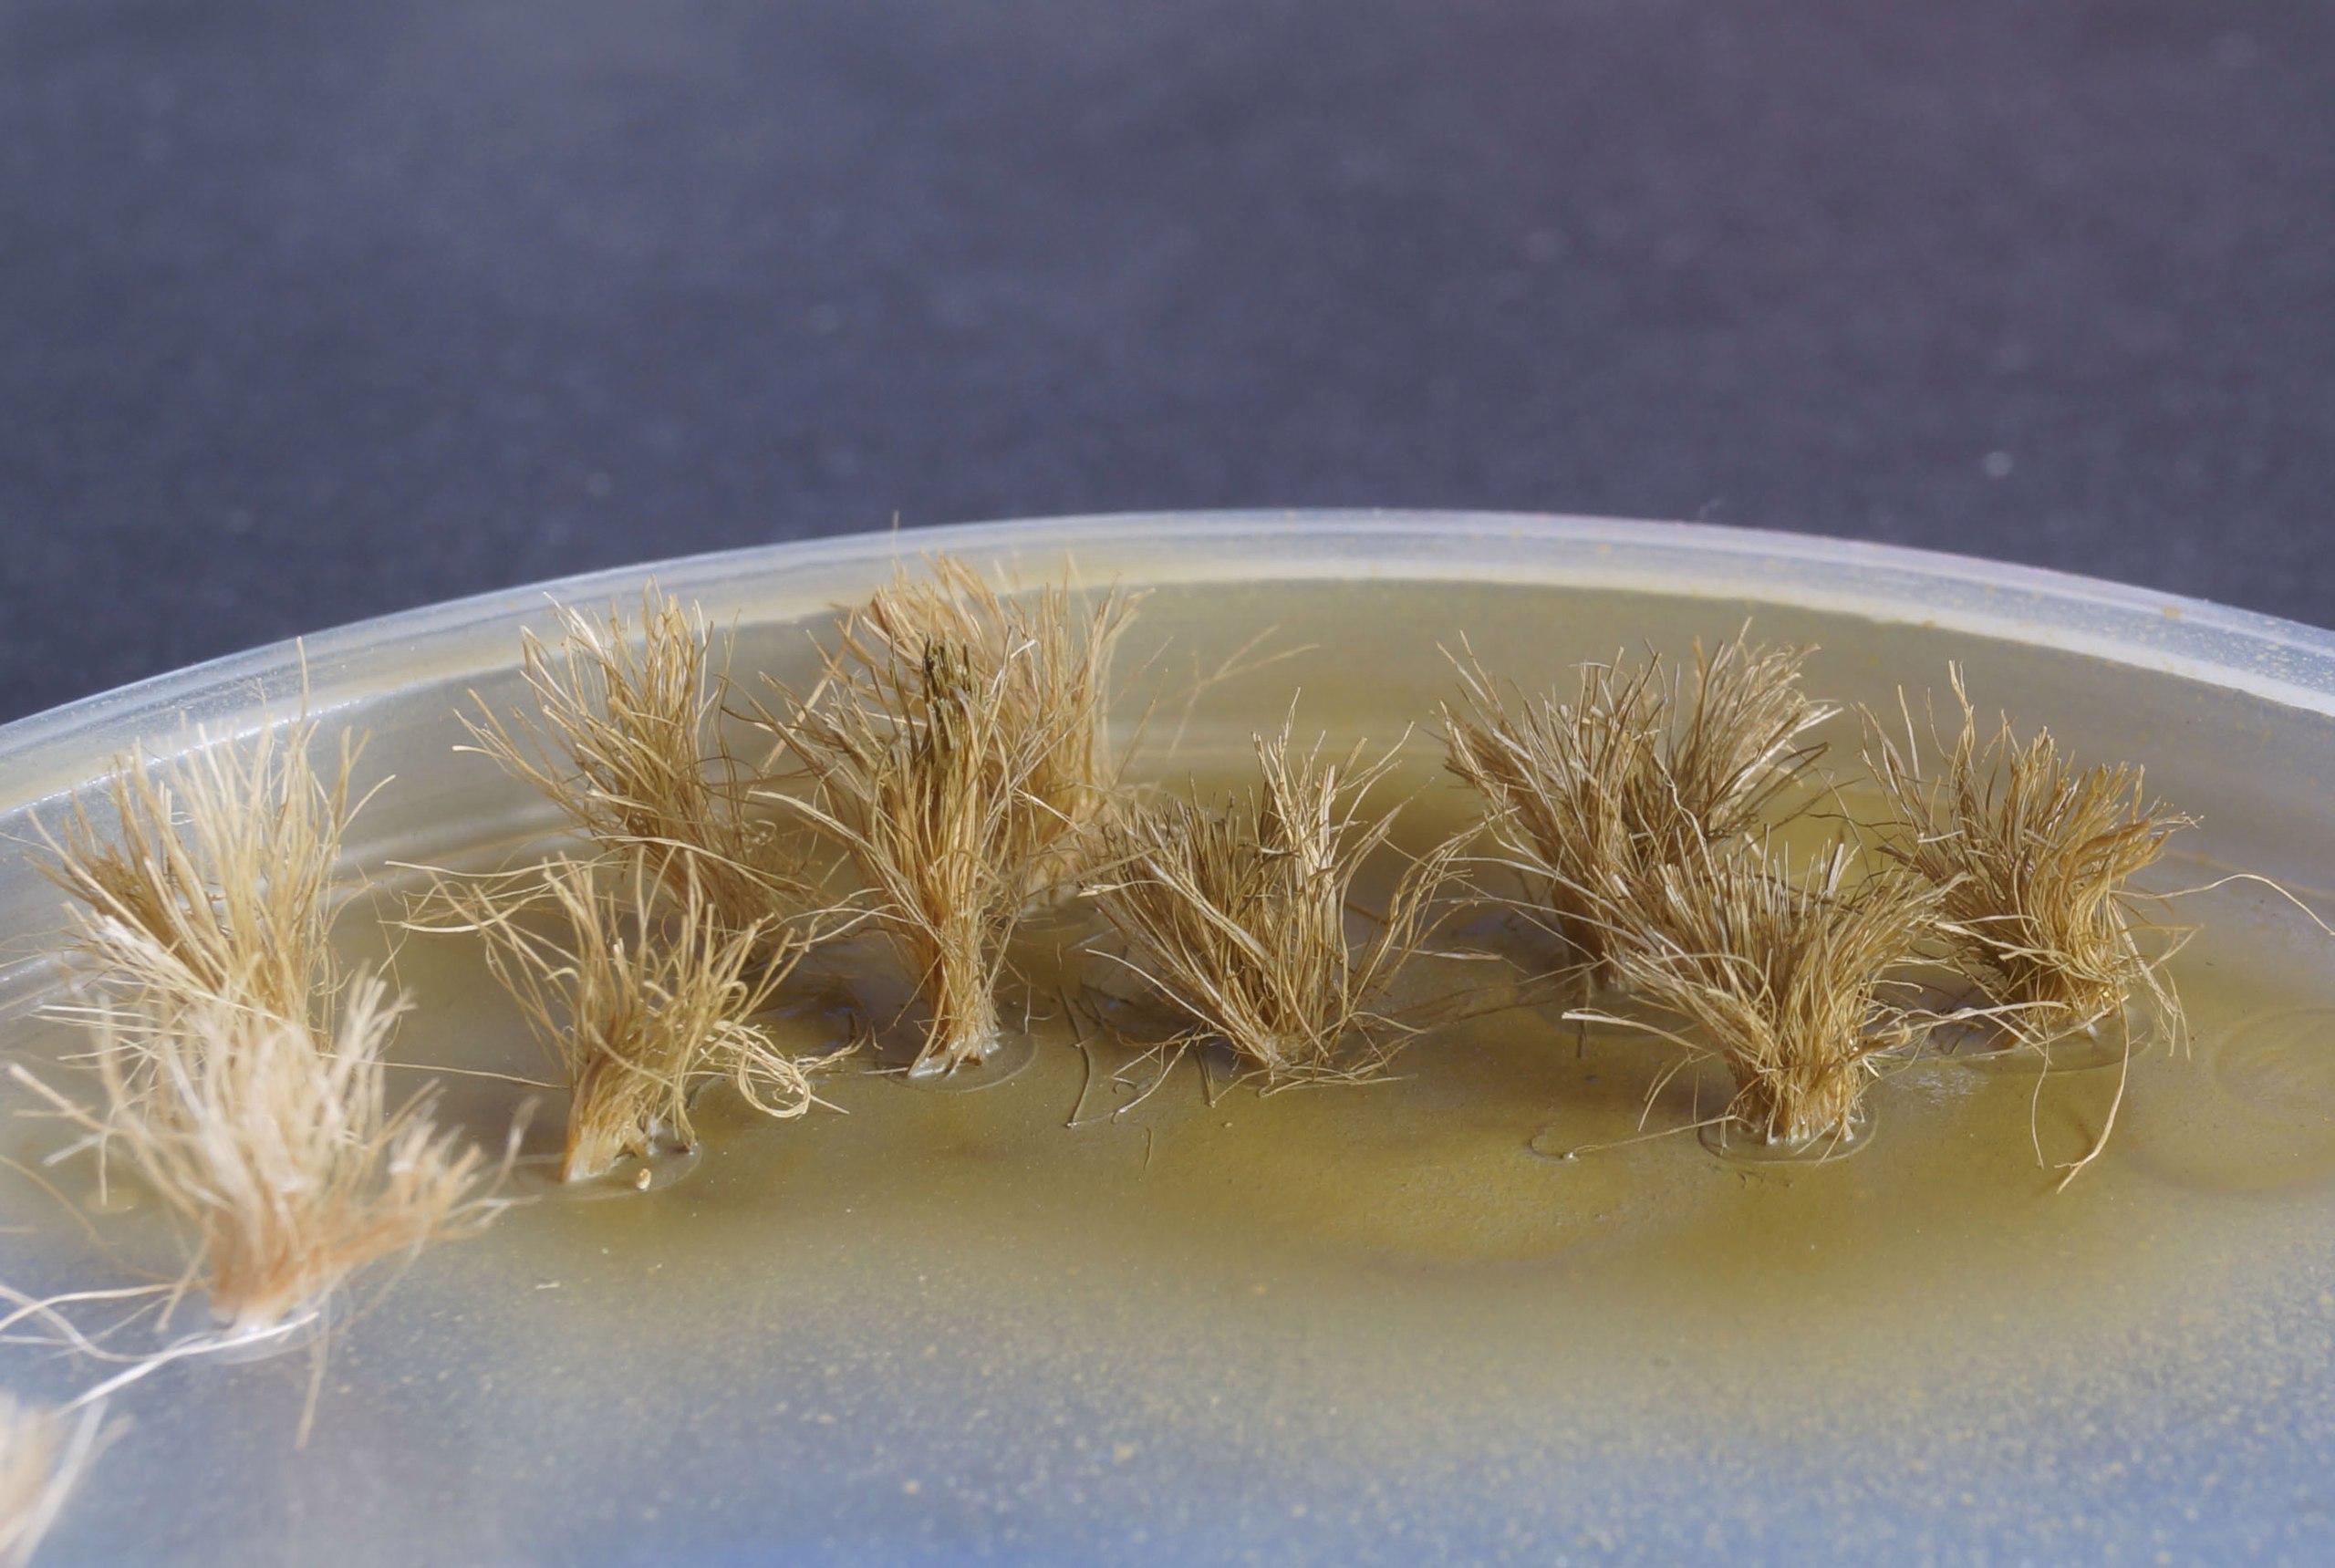 Делаем пучки травы из подручных материалов - красим